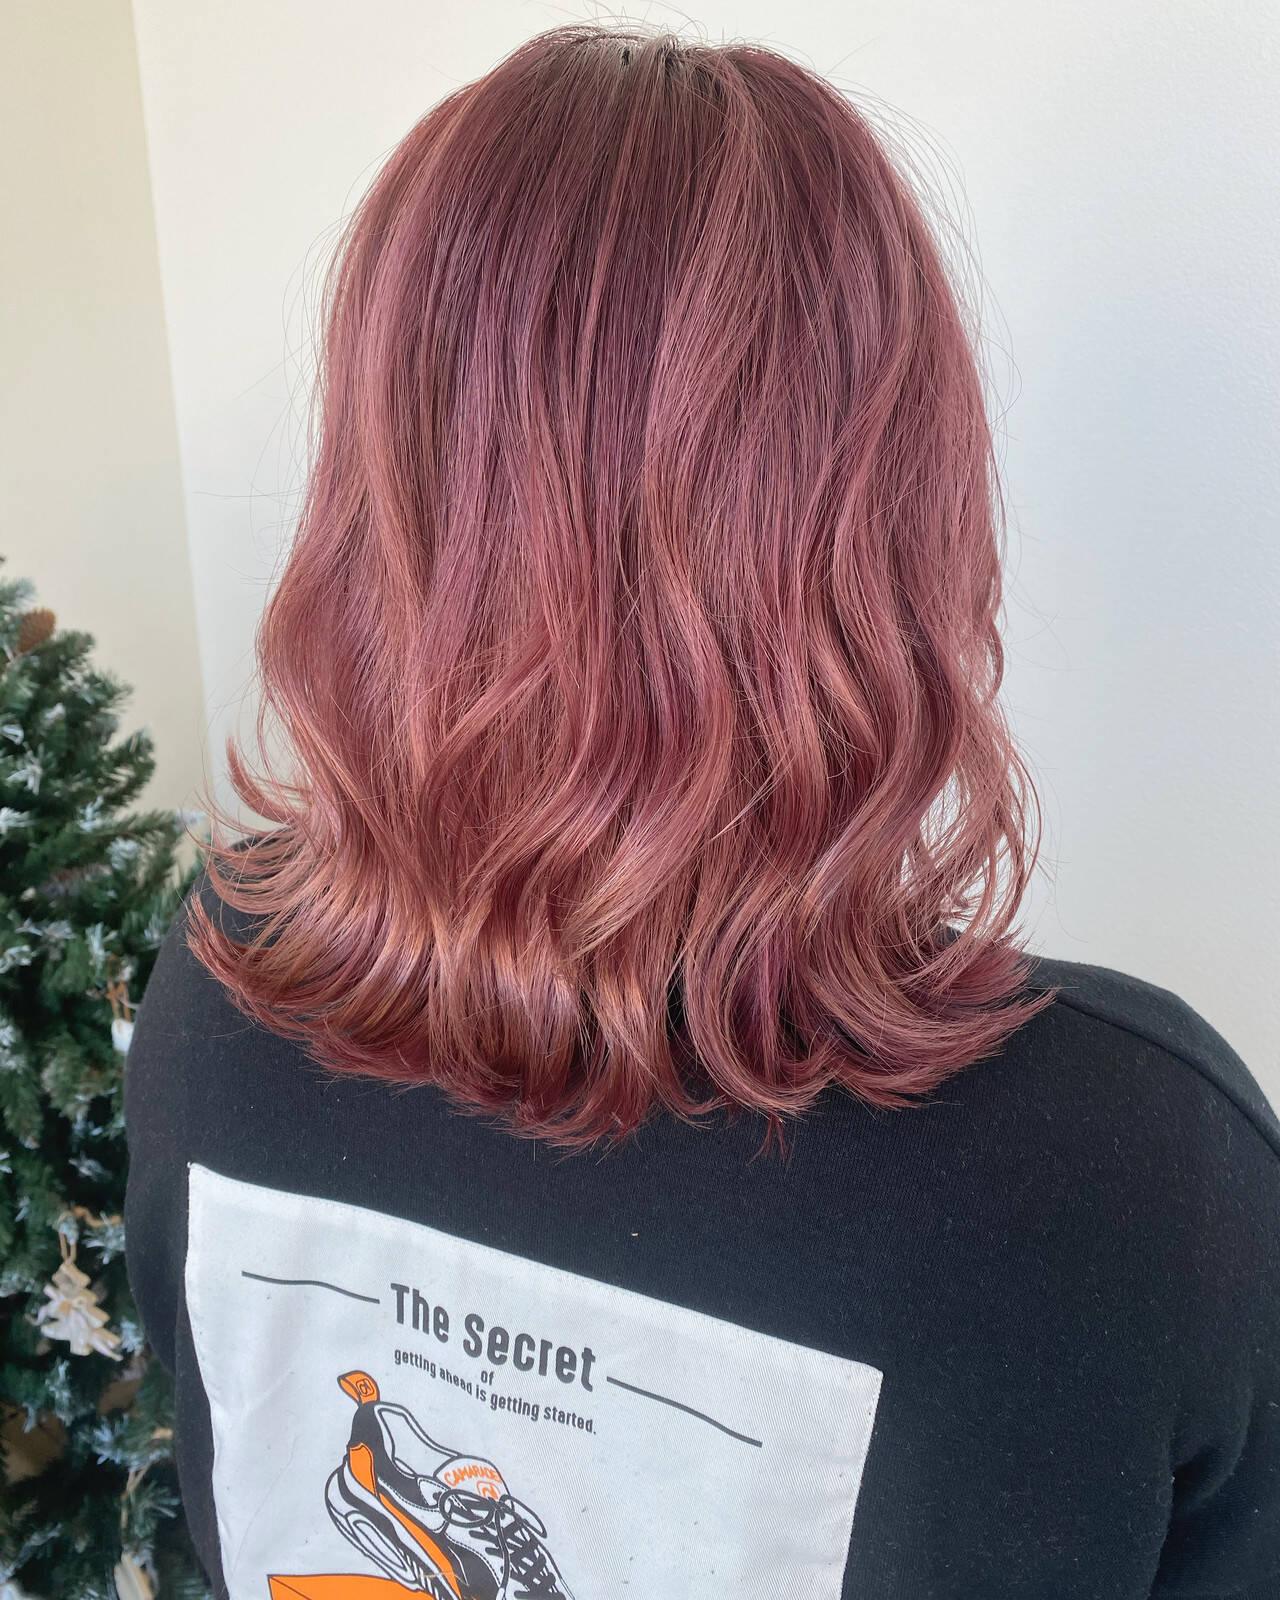 ナチュラル ピンクラベンダー ピンクベージュ ピンクヘアスタイルや髪型の写真・画像